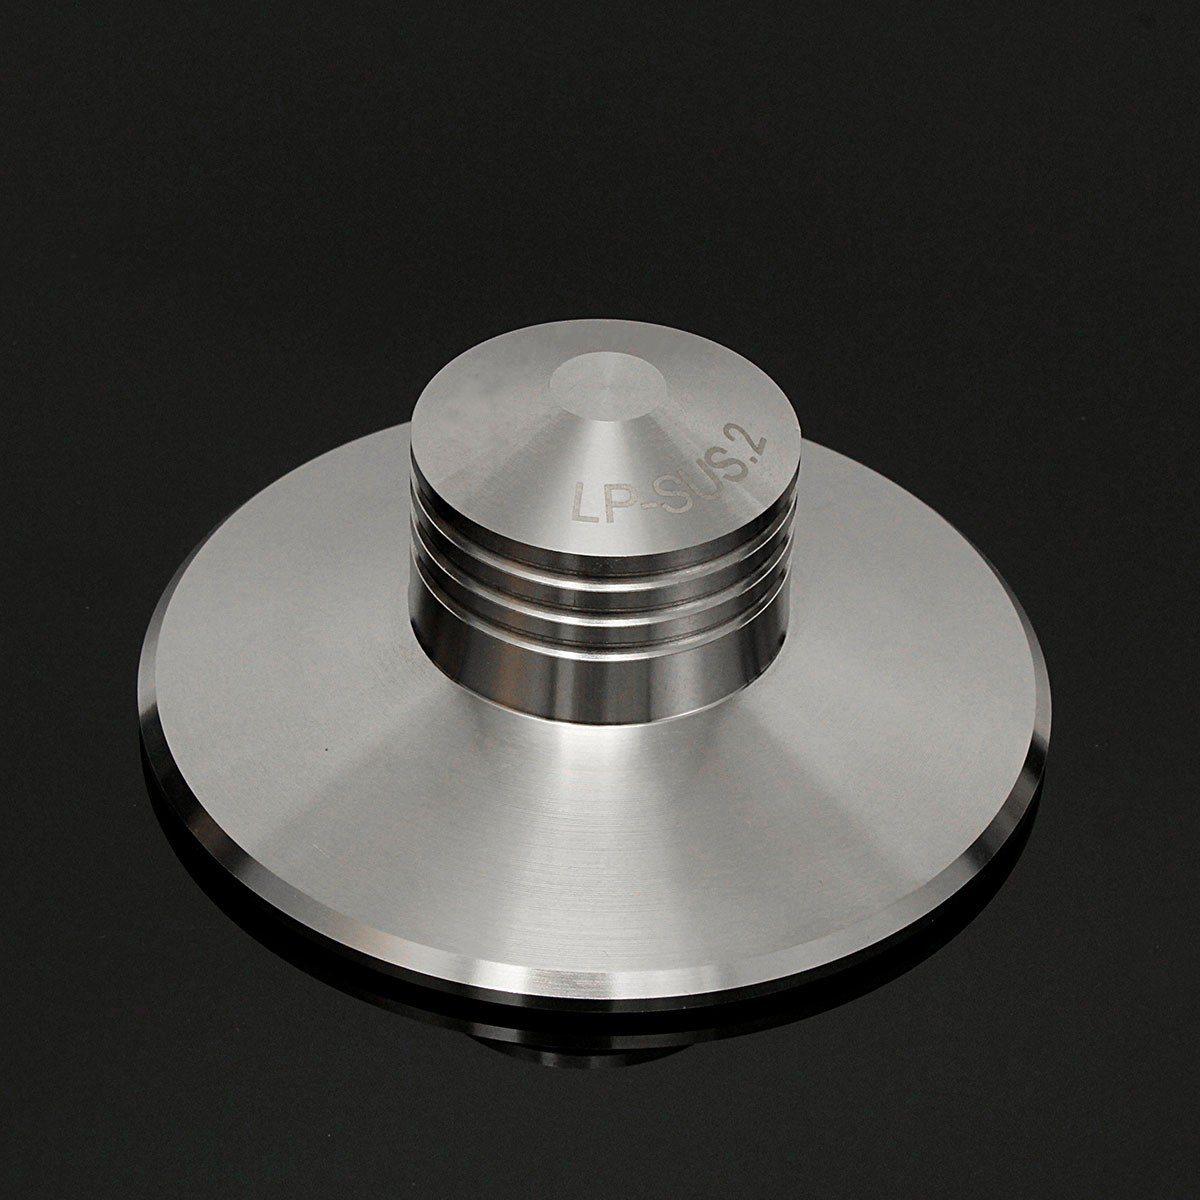 Black Record Weight Clamp LP Vinyl Turntable Hifi Aluminum Metal Disc Stabilizer